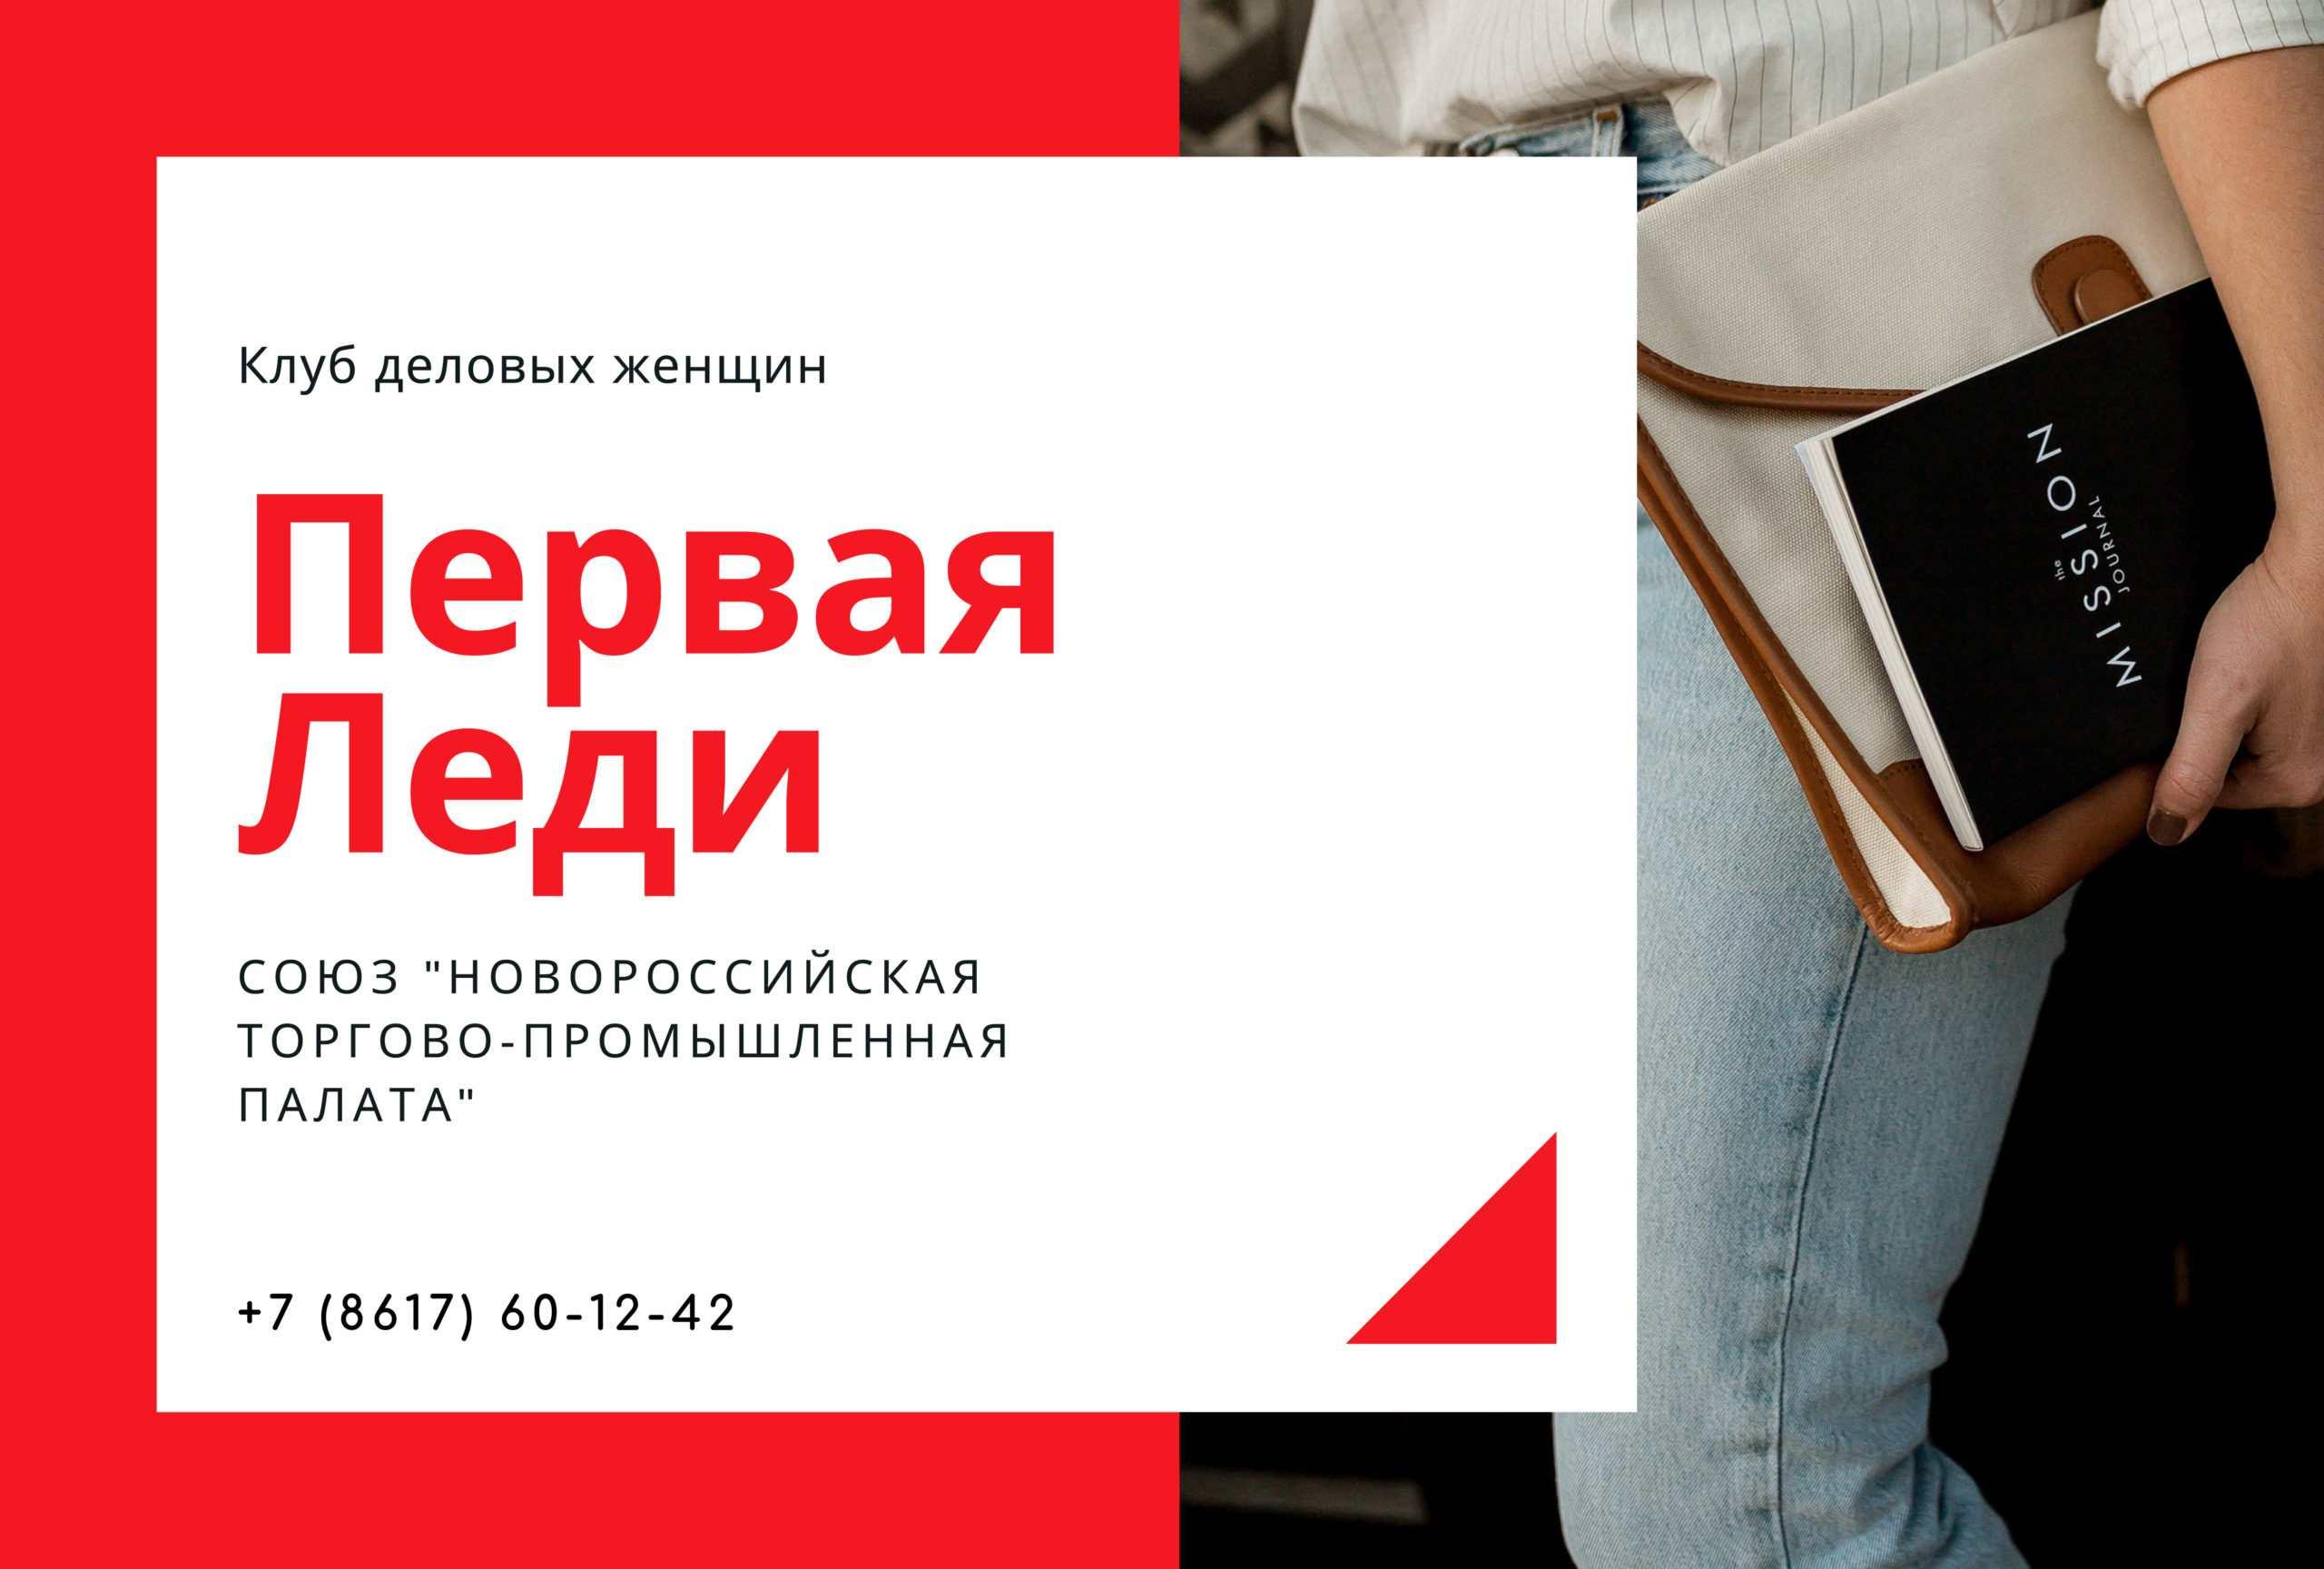 В Новороссийске начнет работу клуб деловых женщин